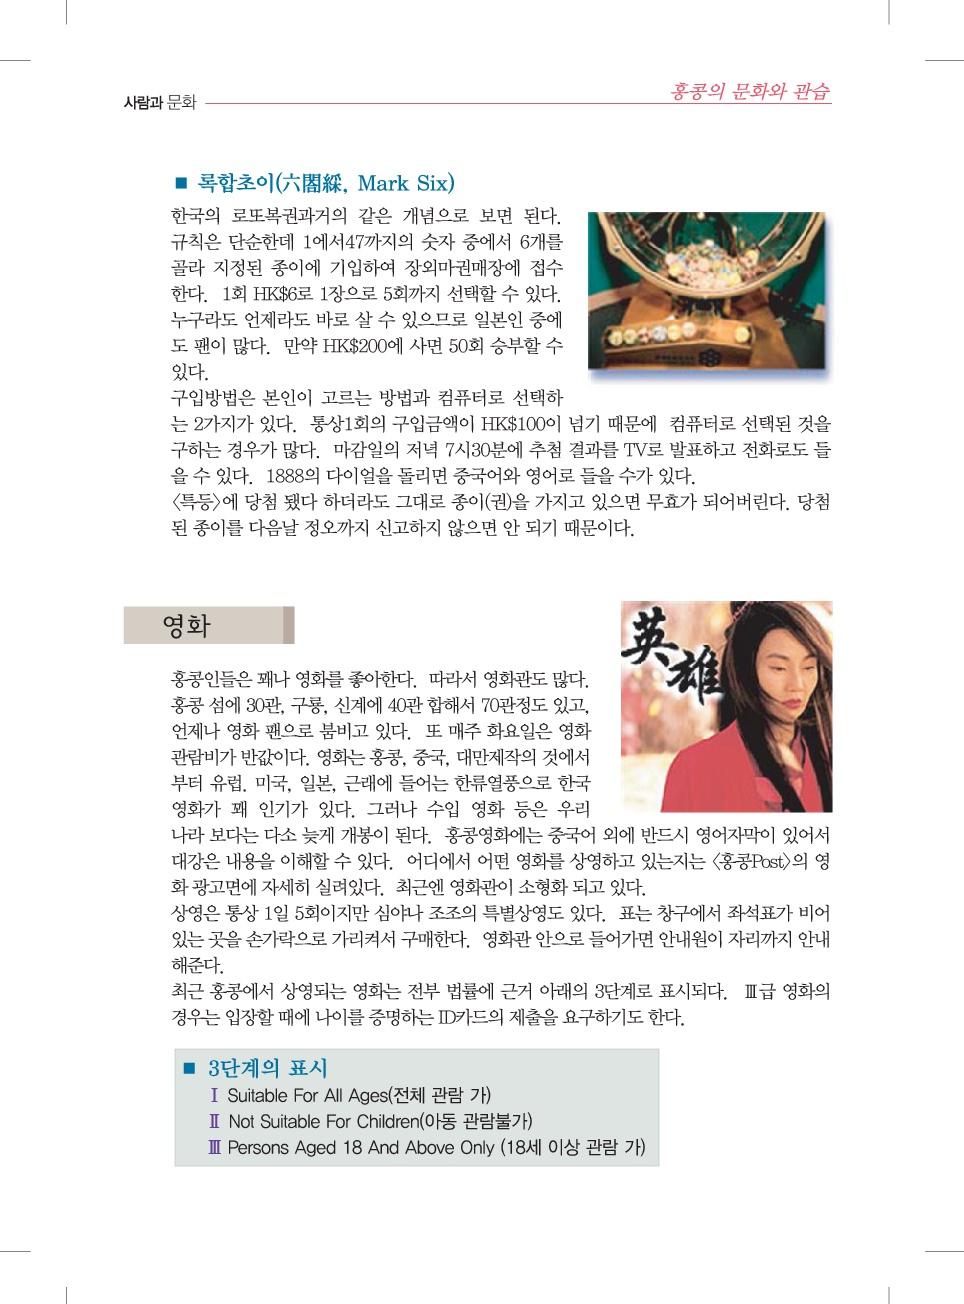 10_홍콩문화3-min.jpg